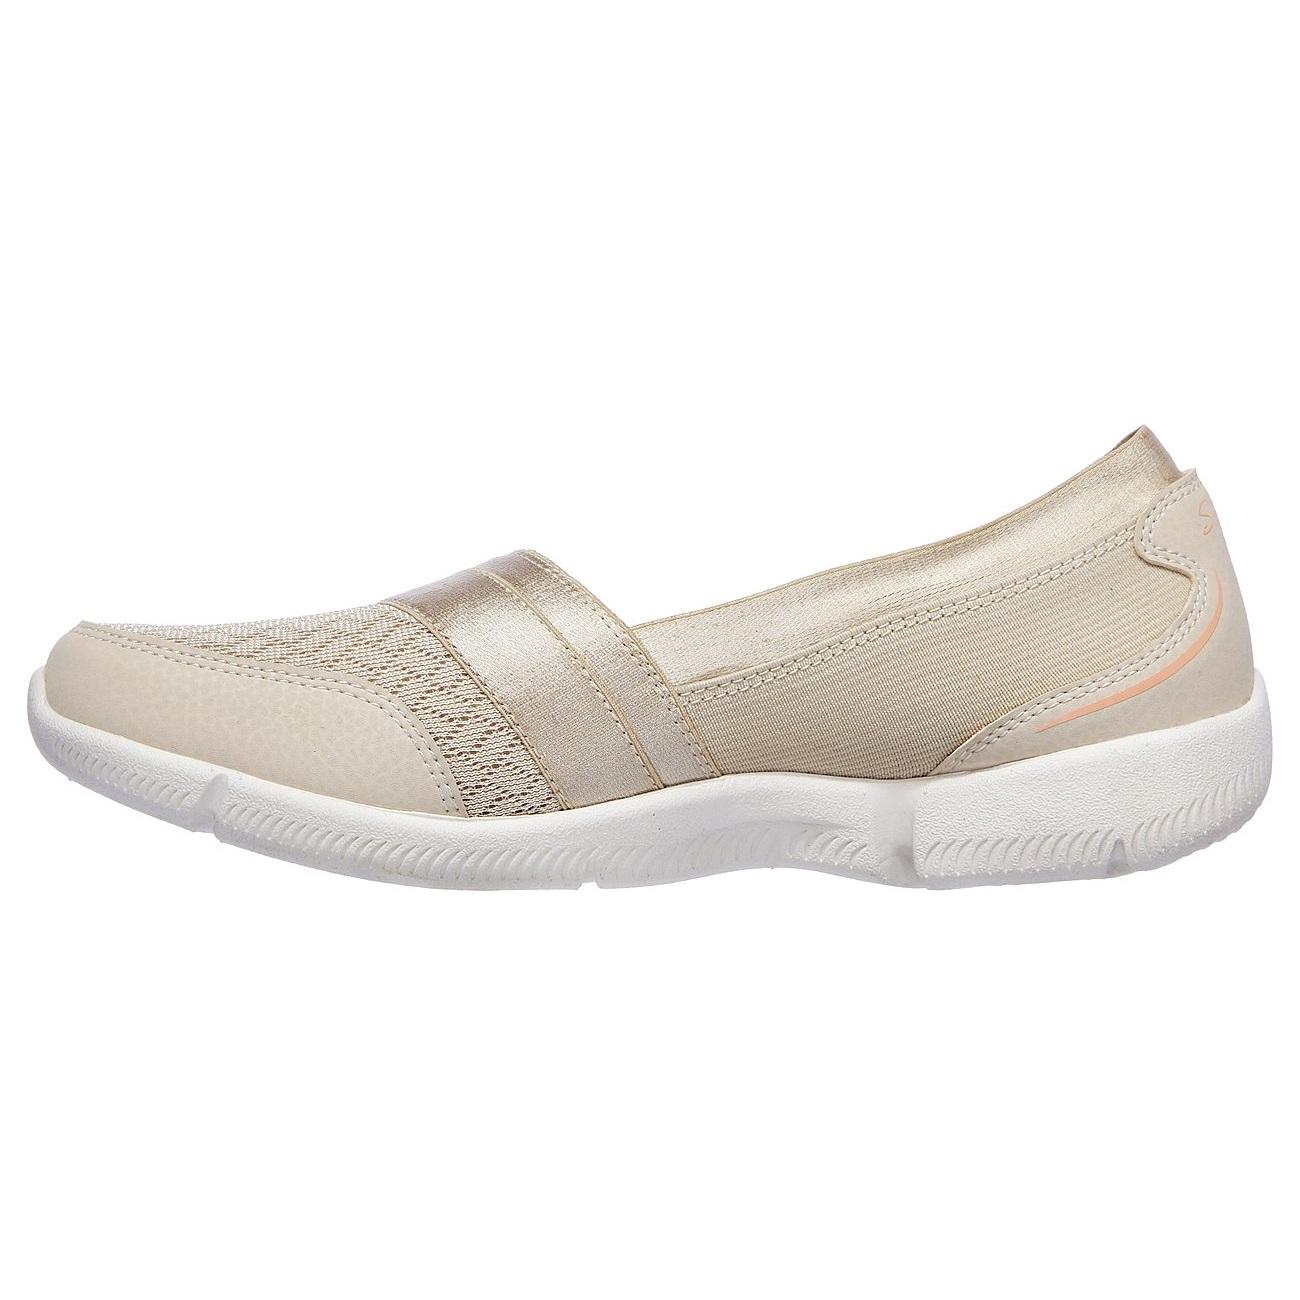 خرید                     کفش مخصوص پیاده روی زنانه اسکچرز کد 100026NAT